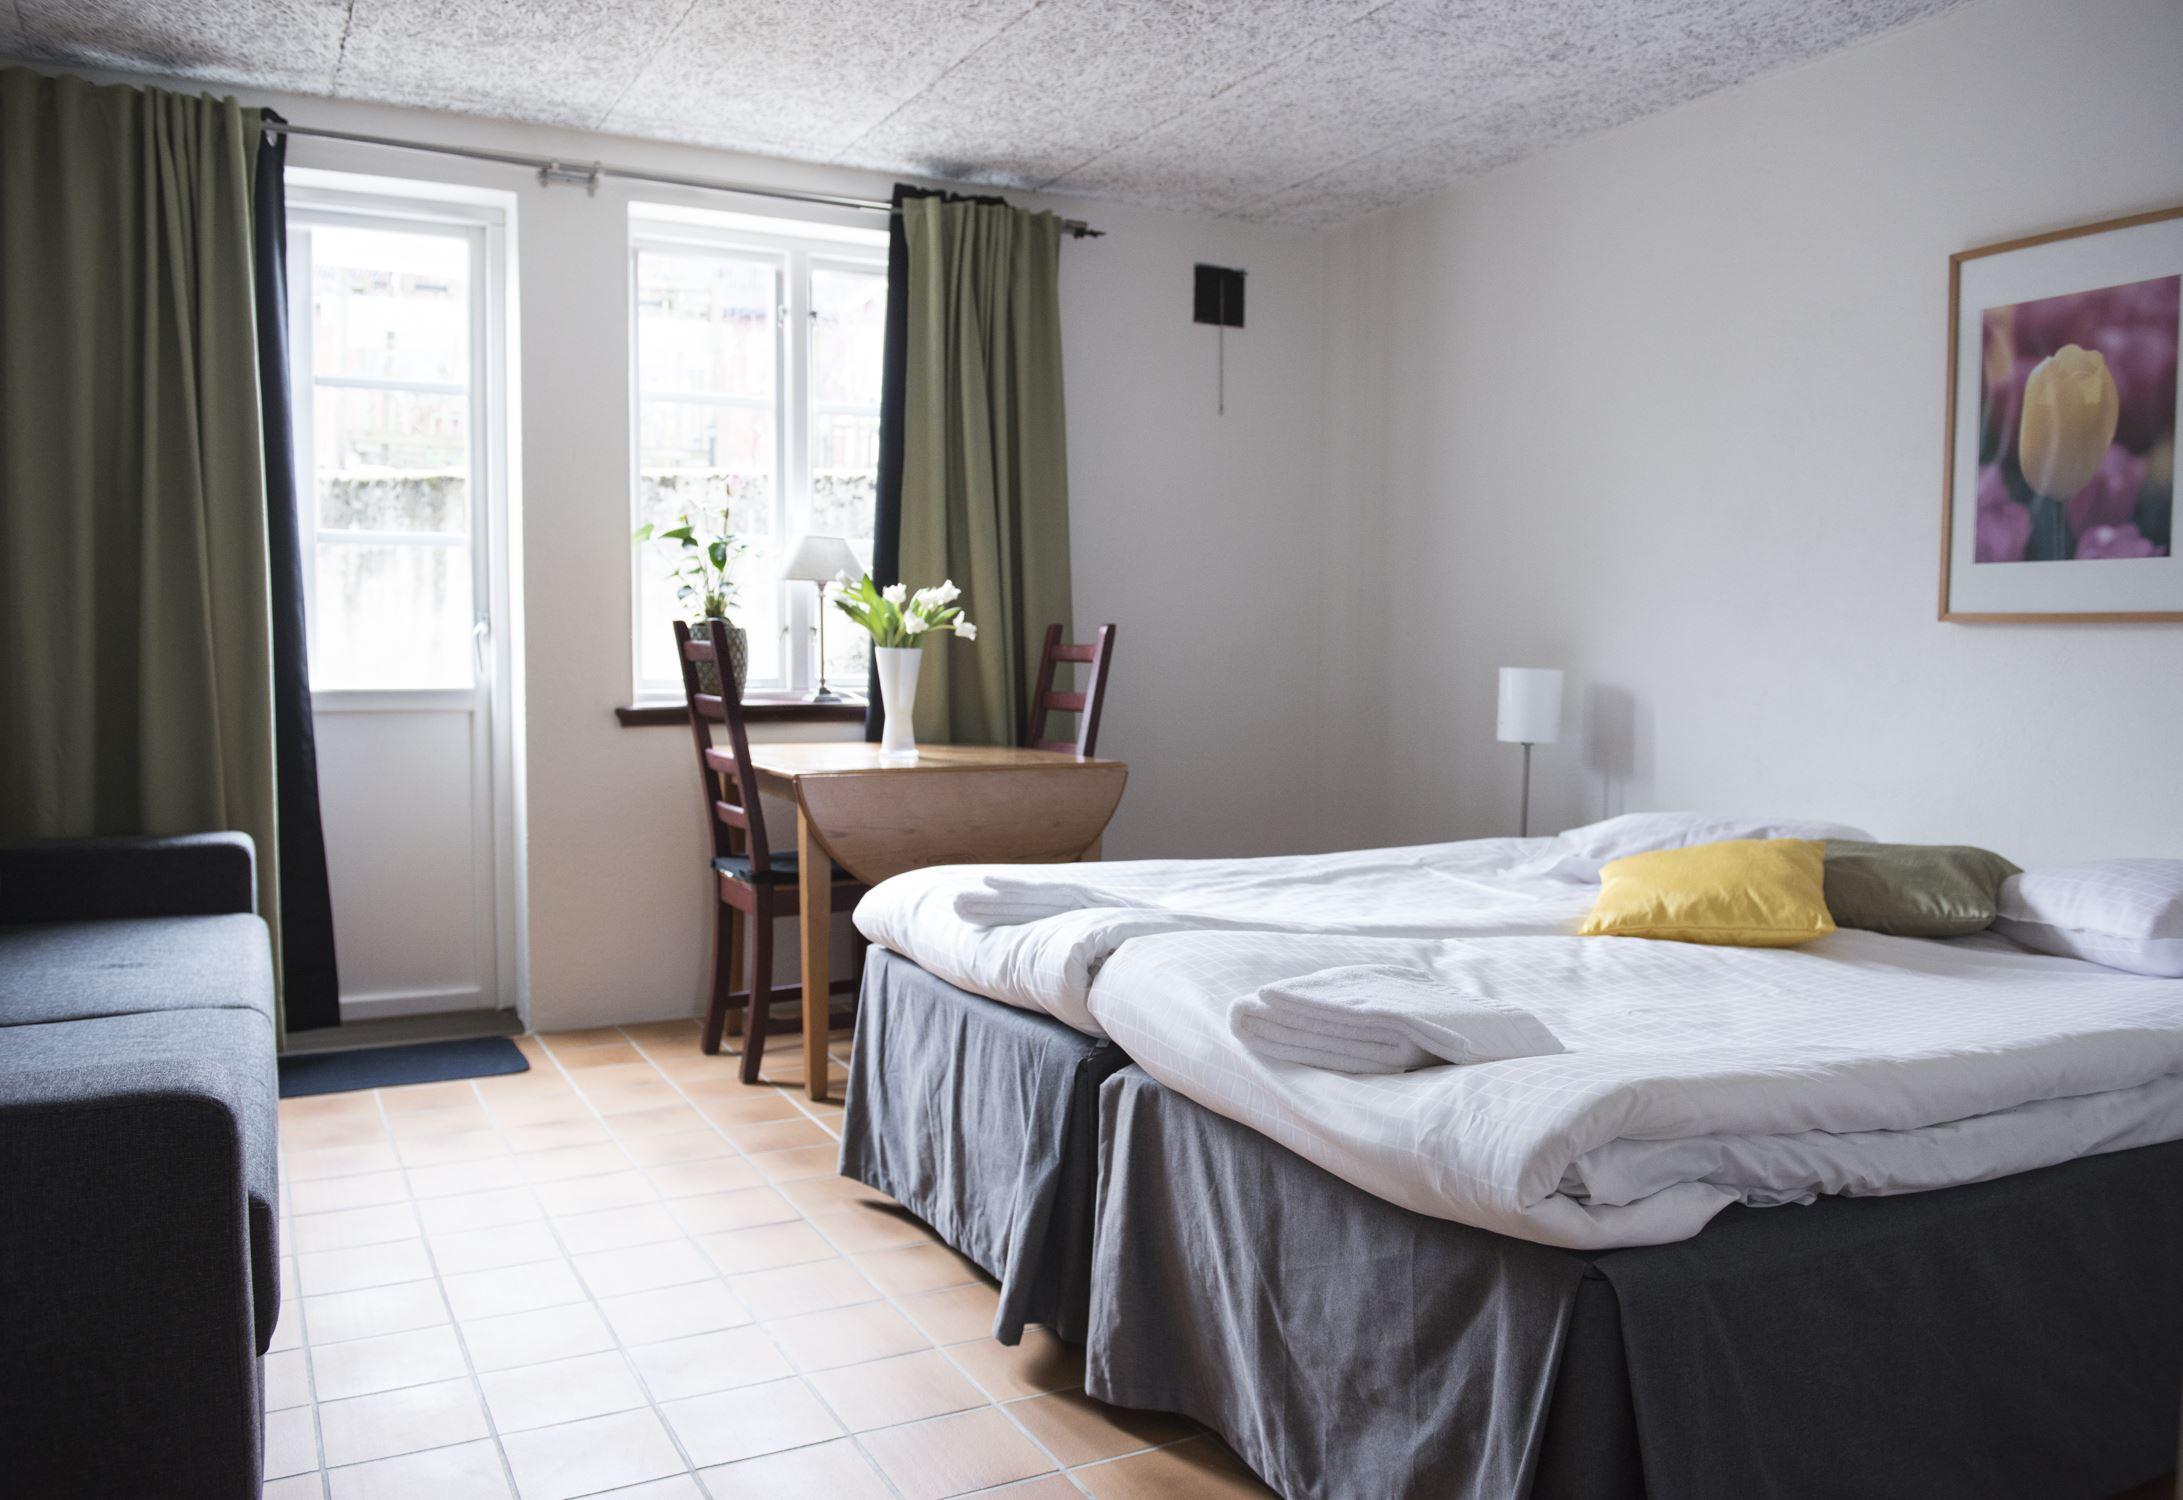 STF Hotell och vandrarhem Skåne Tranås